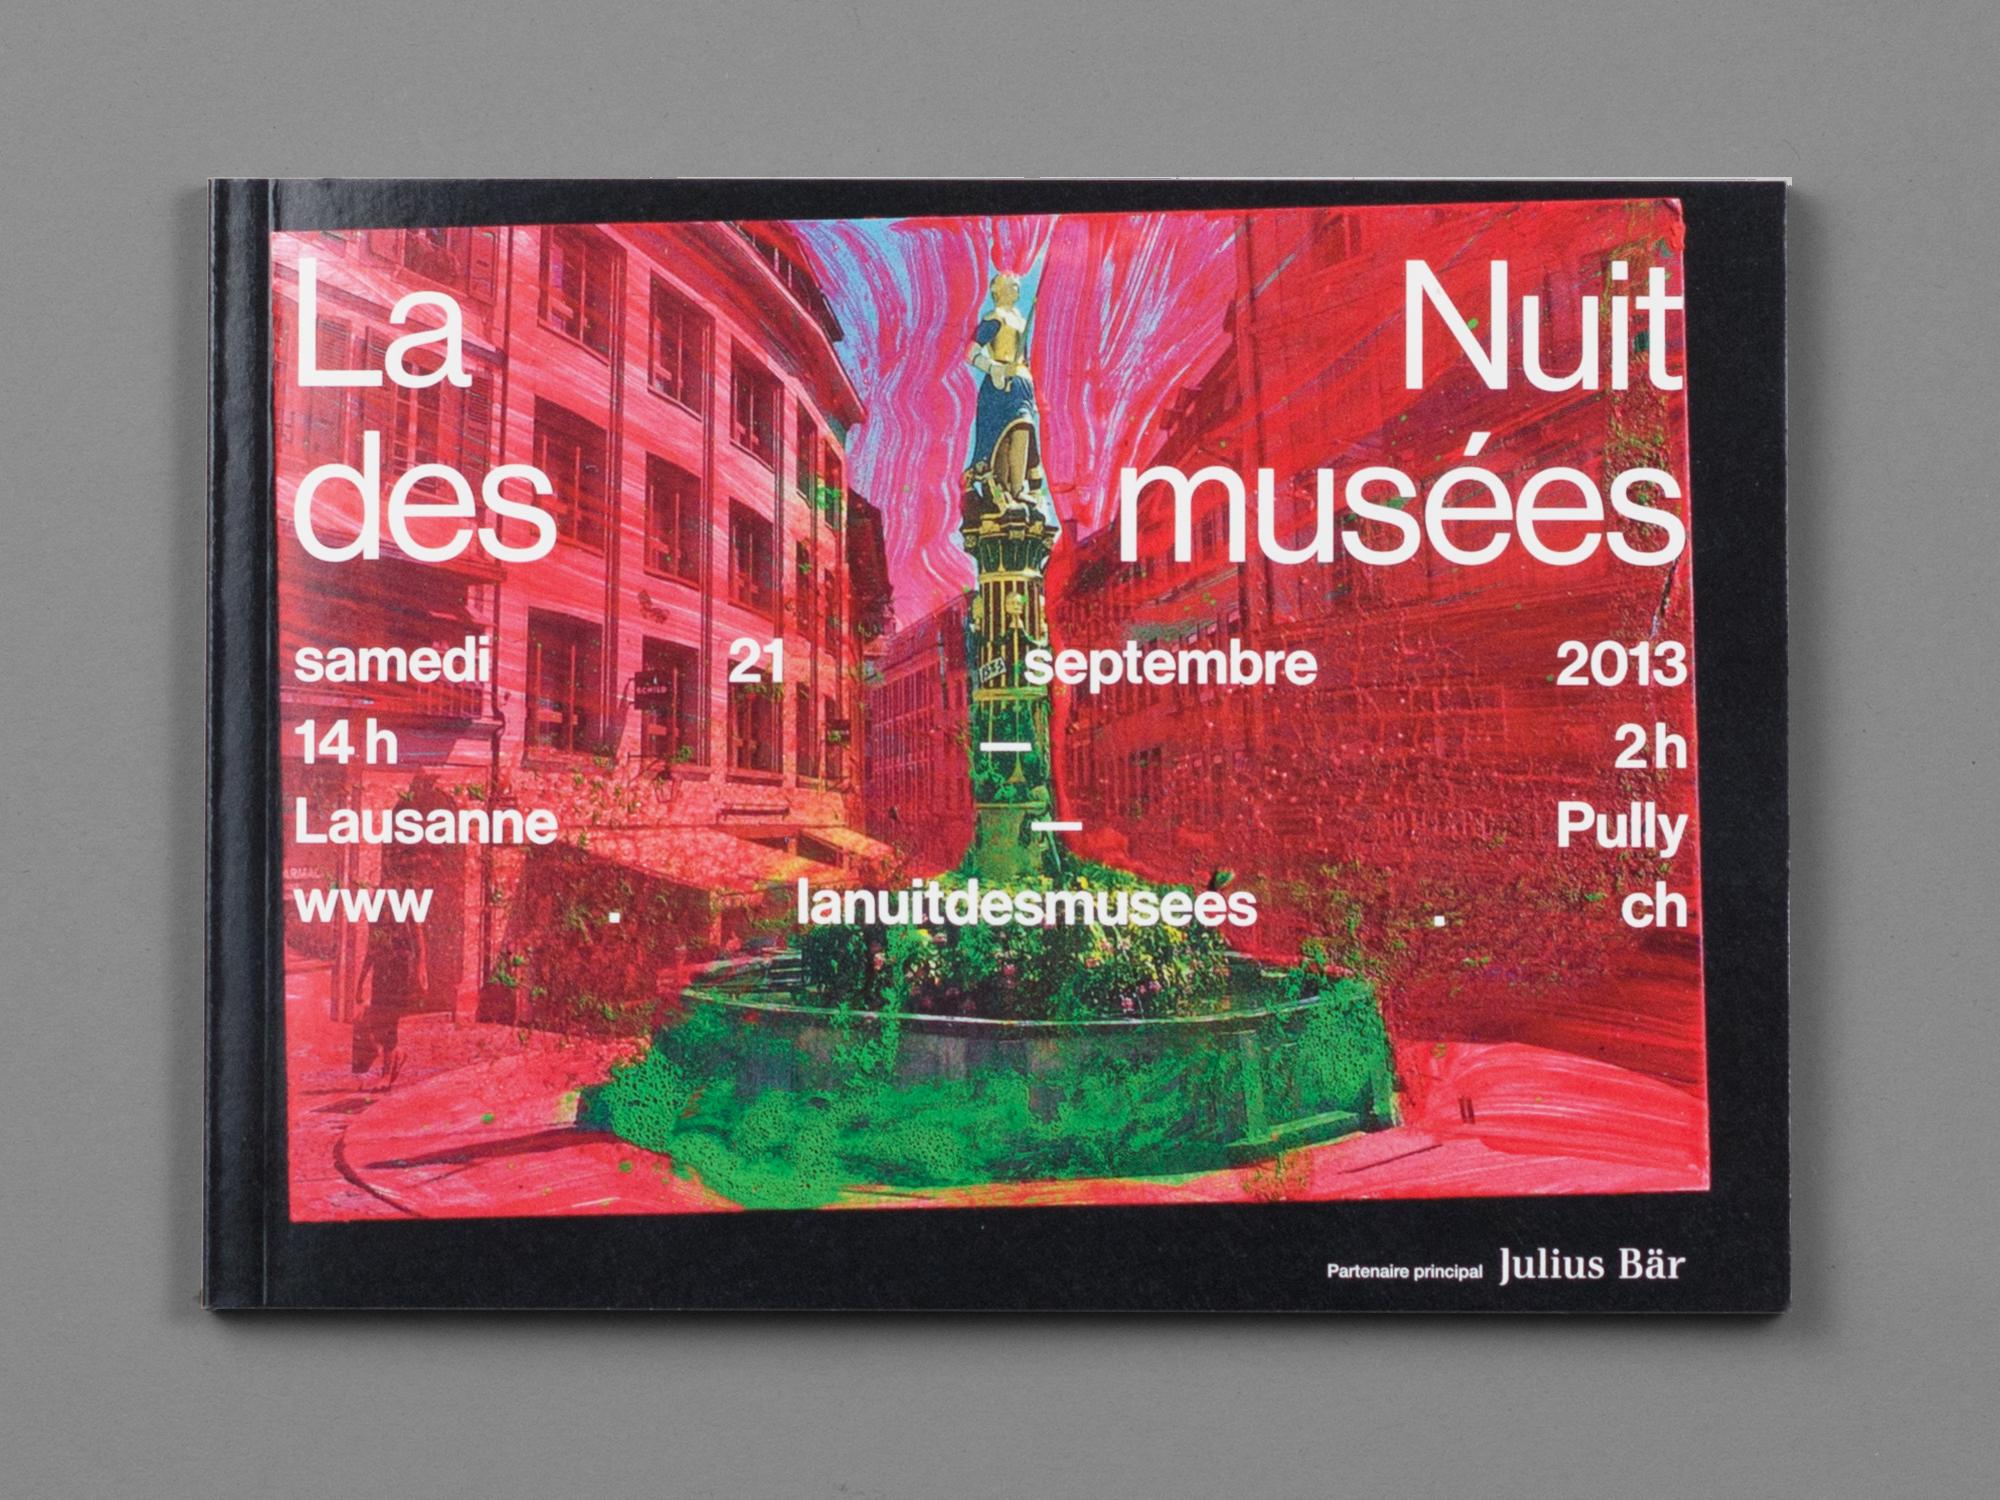 L'une des couvertures du programme de la Nuit des musées. Une série de cartes postales de la région personnalisées à l'aide de diverses techniques en collaboration avec l'artiste/photographe Maya Rochat, se répartissent sur les différents supports de communication.